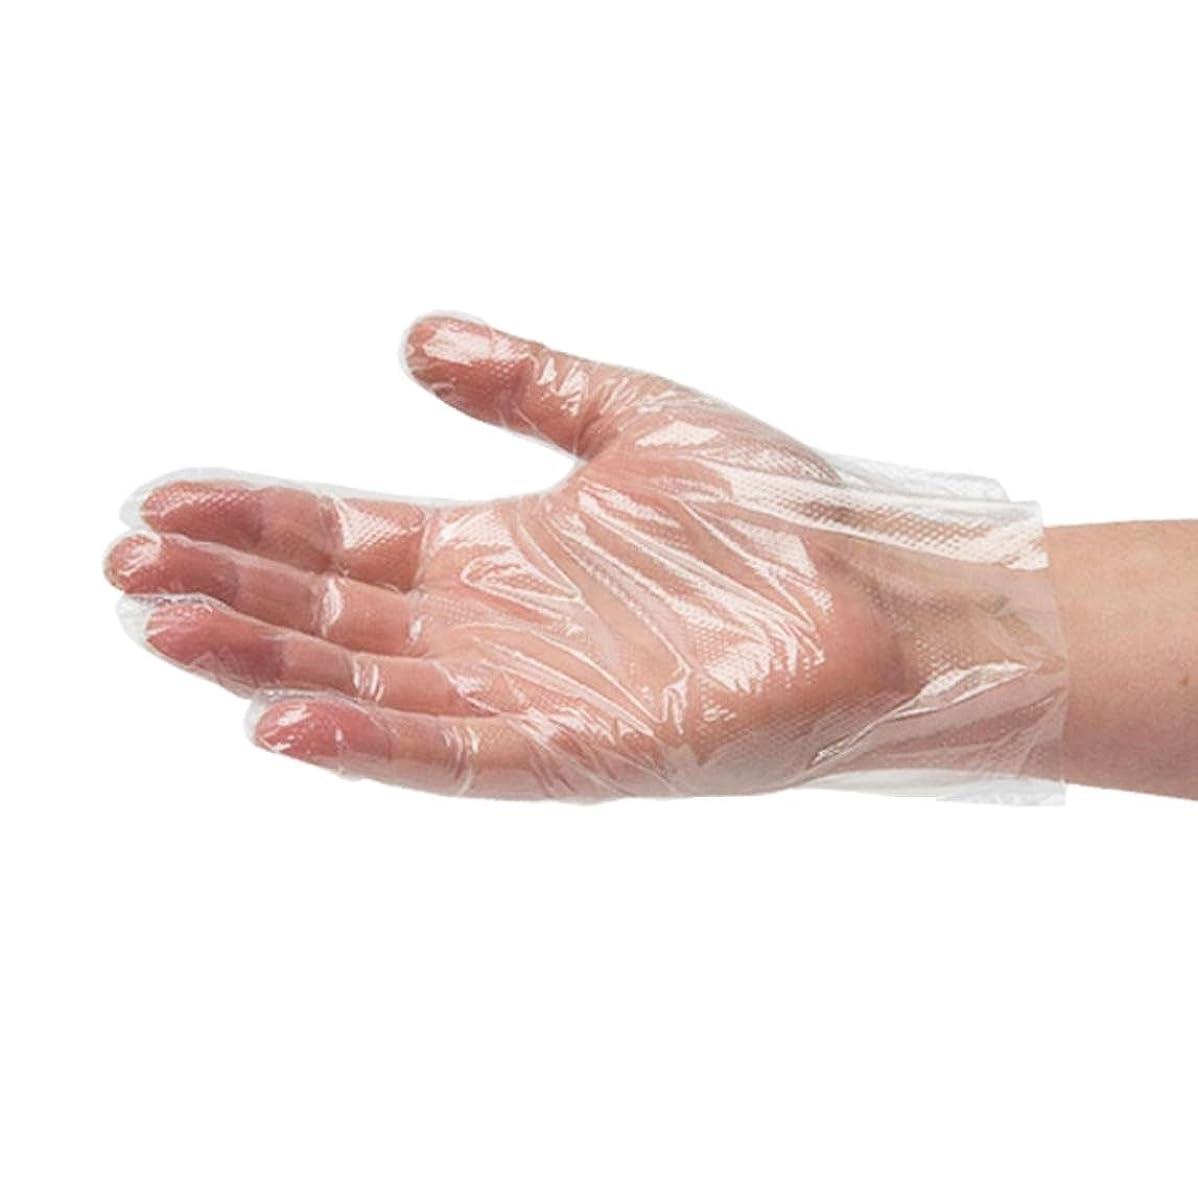 標準受益者シリーズKINGZUO 使い捨て 調理 ビニール極薄手袋 200枚入 使いきり手袋 (500枚)